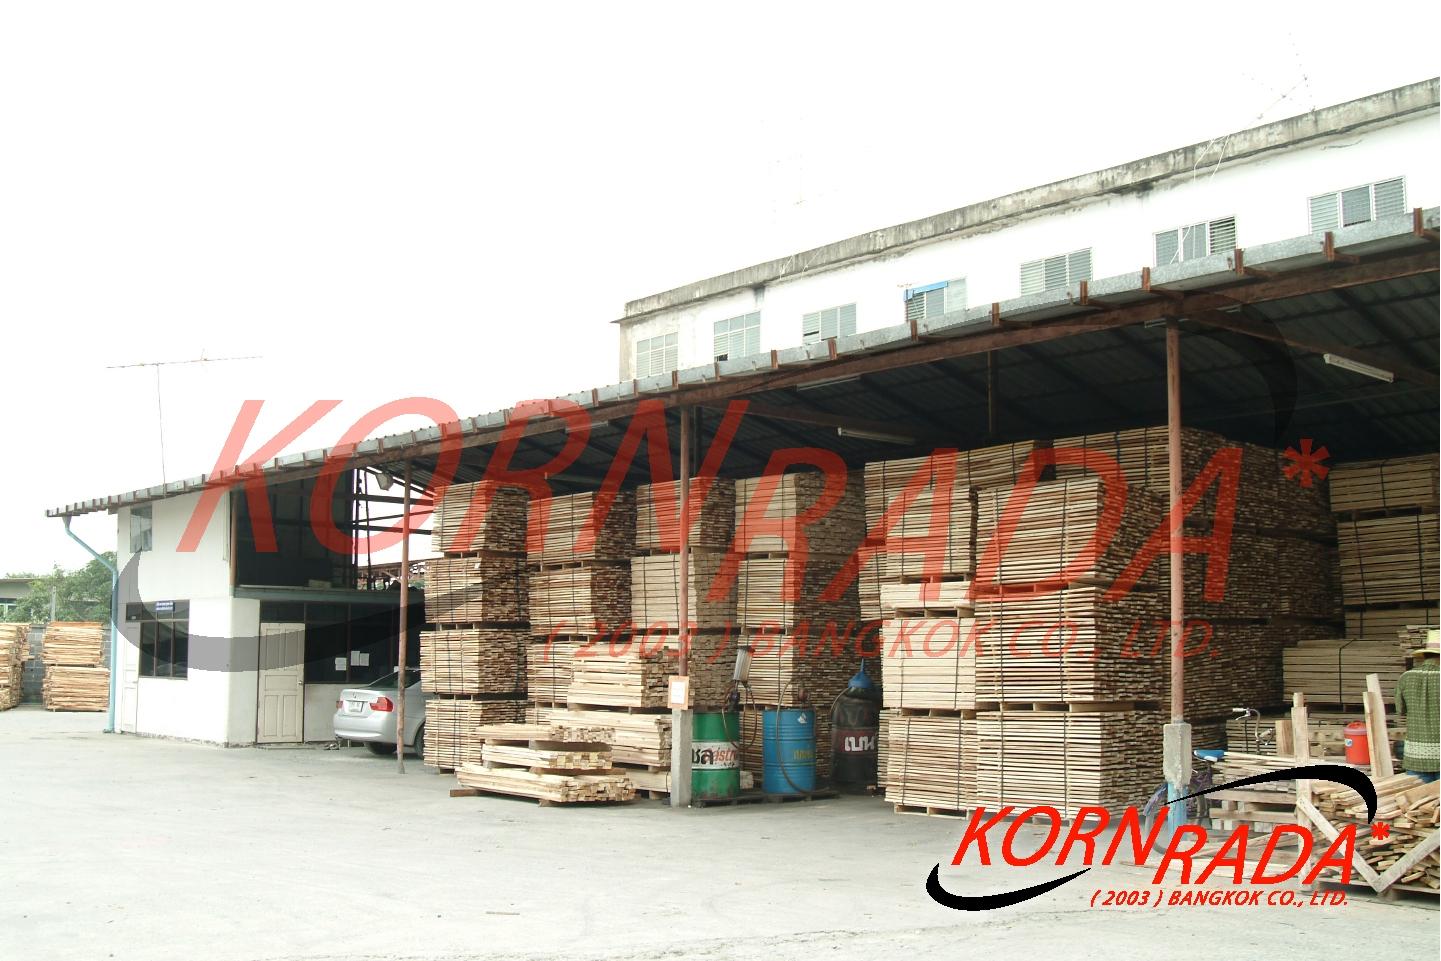 kornrada_factory_1654